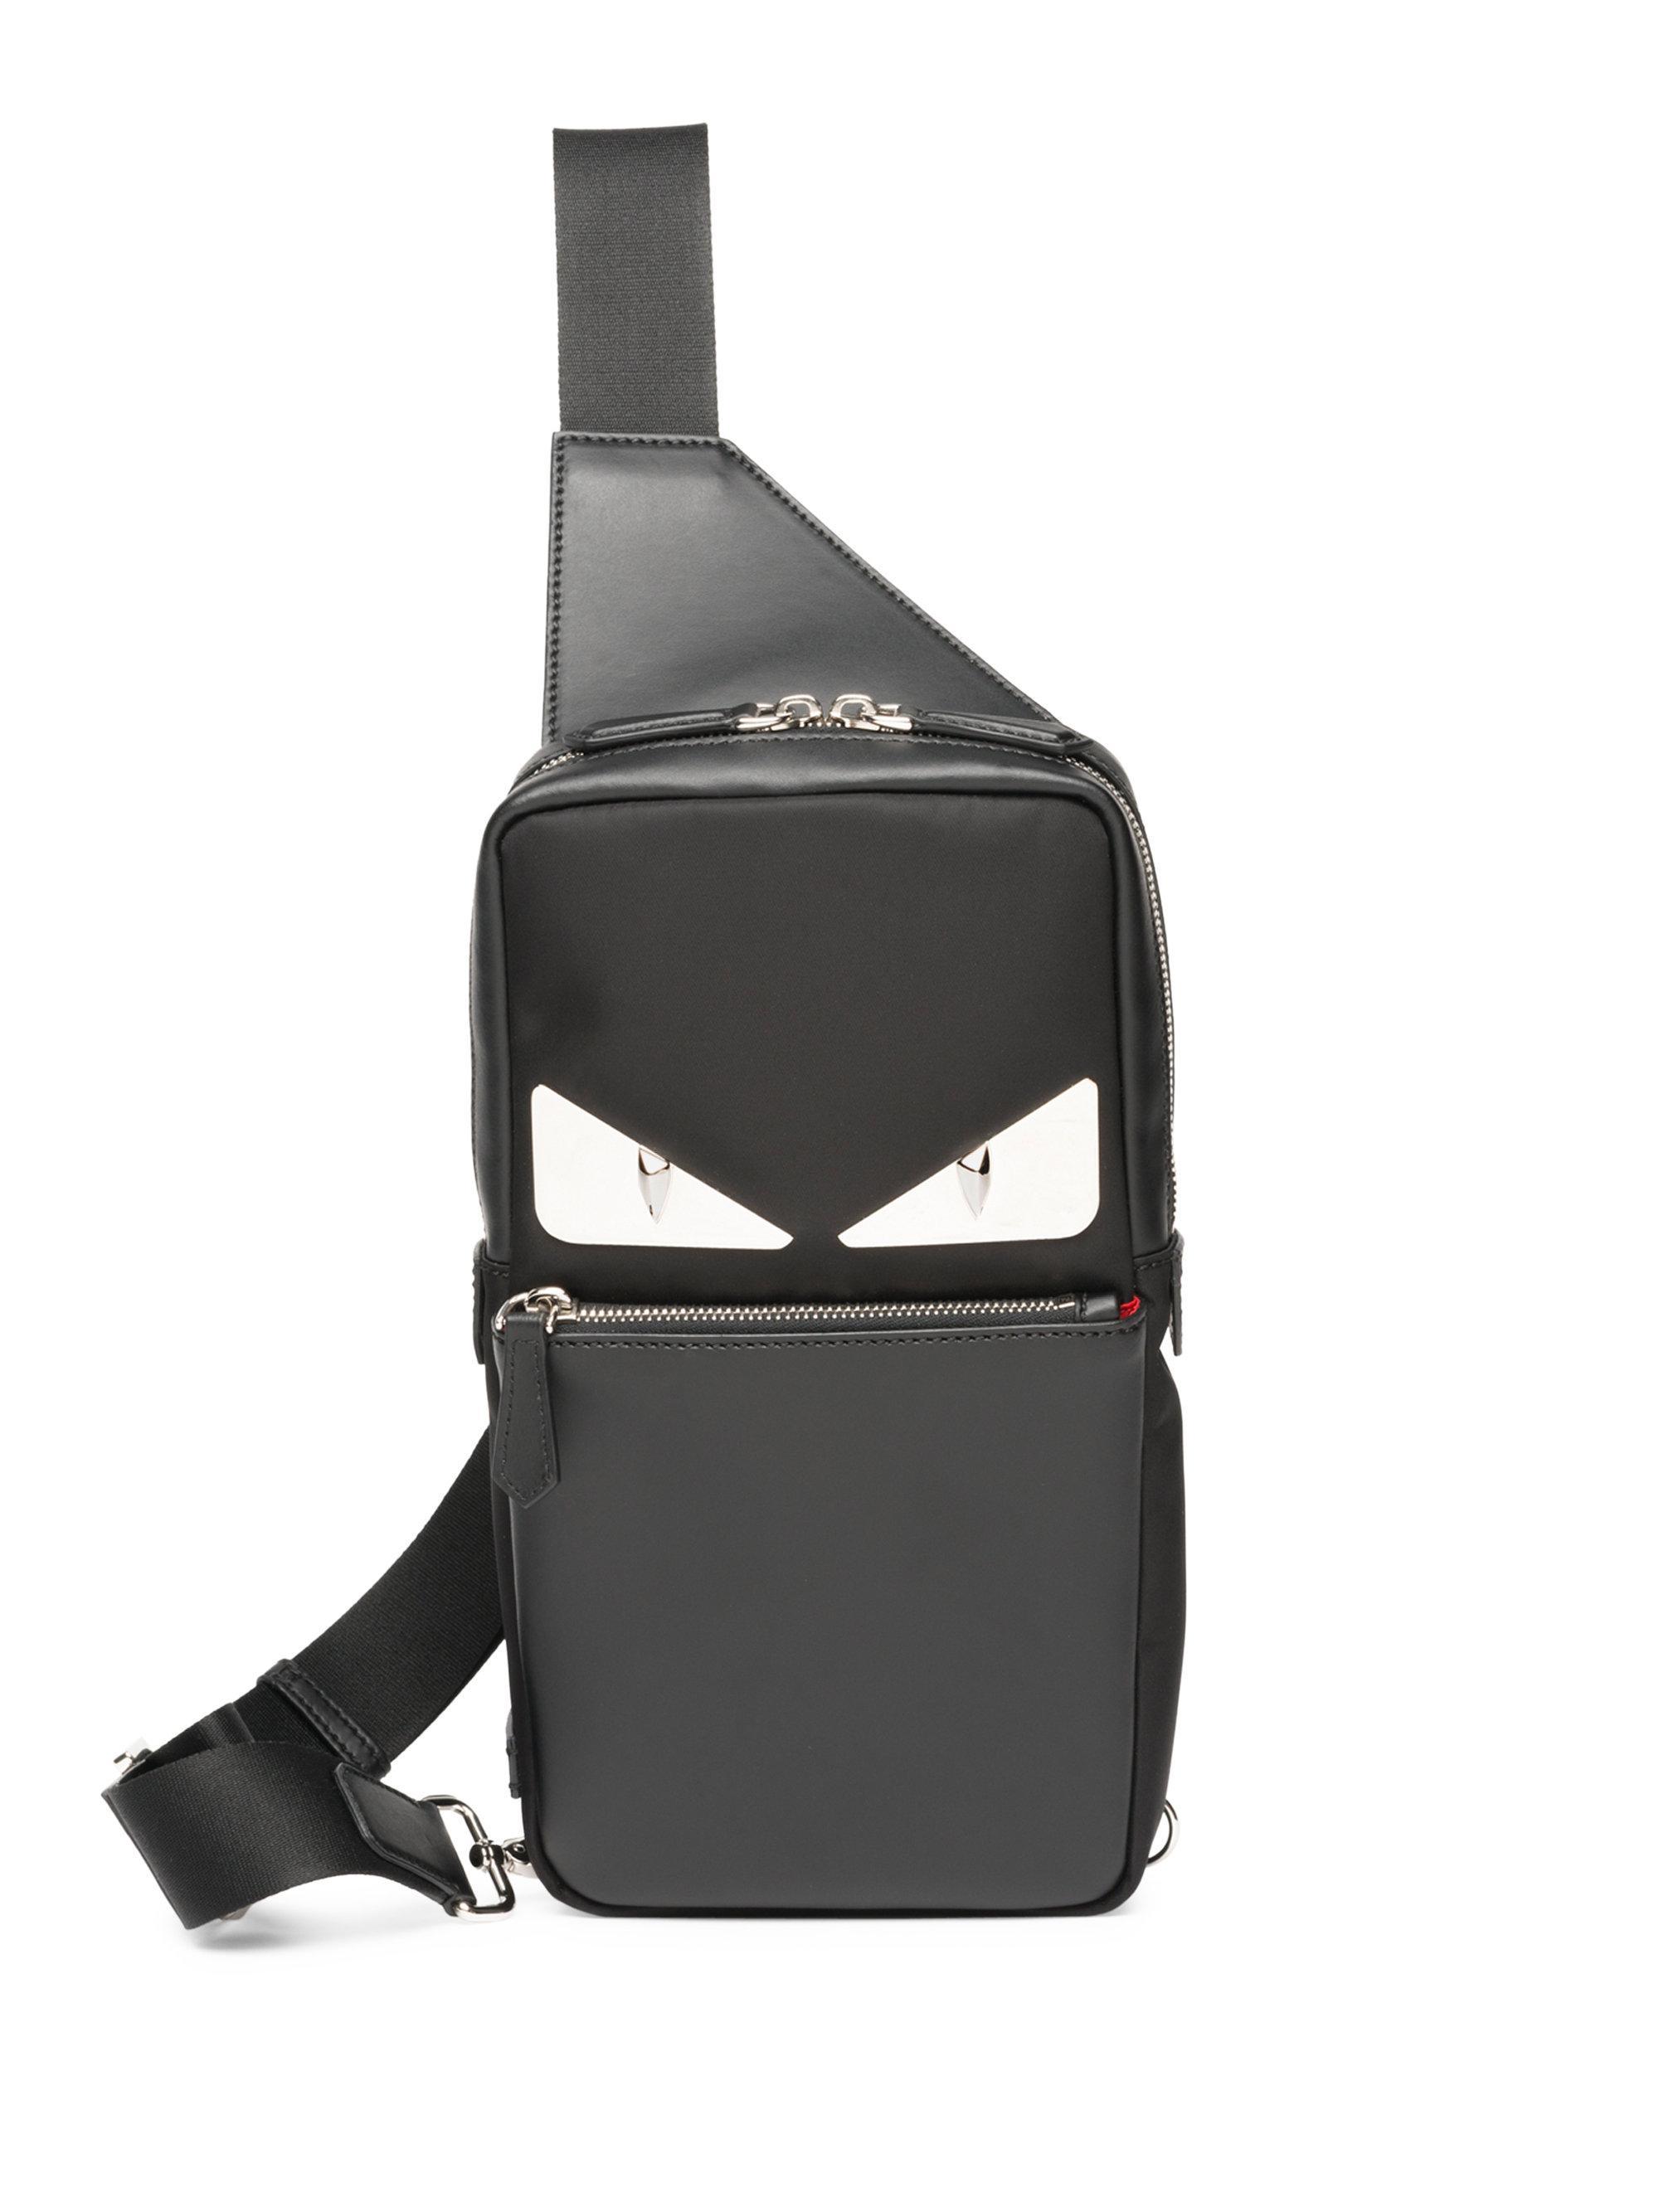 006f0604e7d2 Lyst - Fendi Monster Crossbody Bag in Black for Men